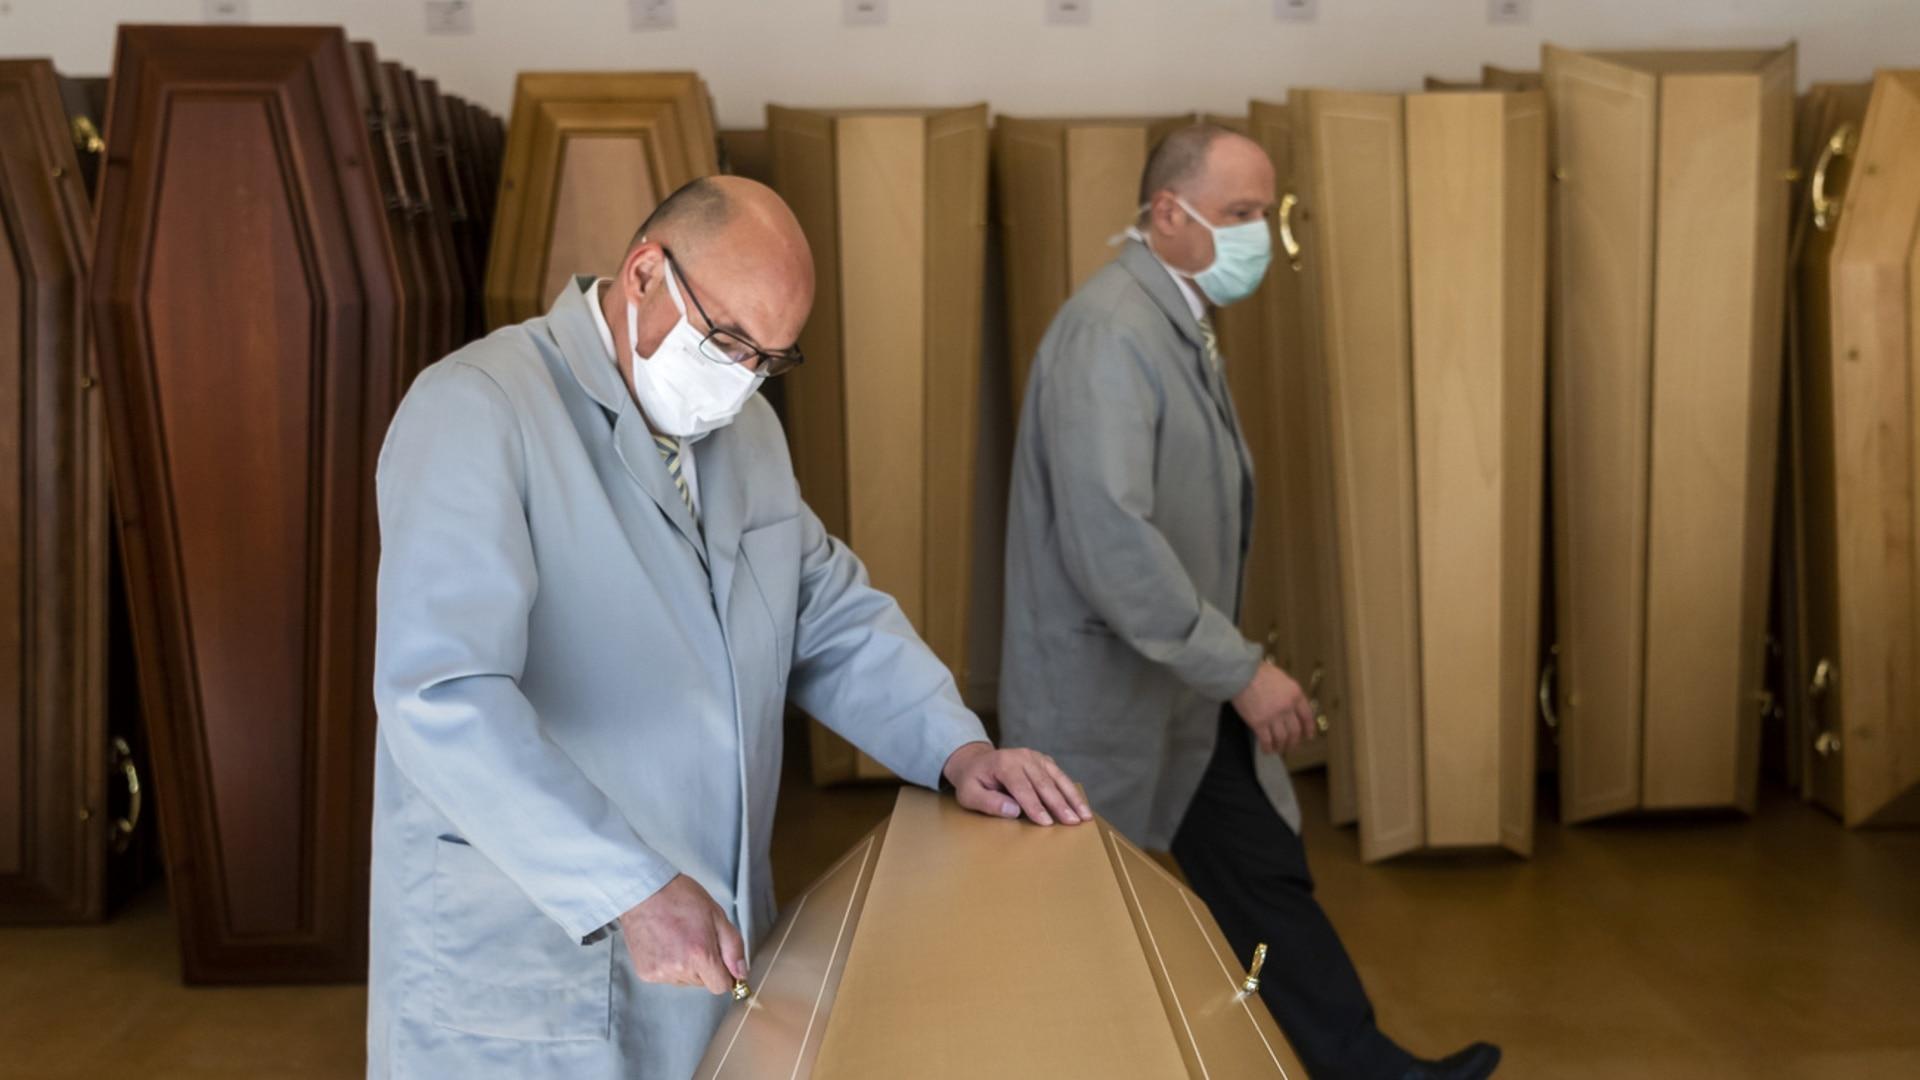 Les opérateurs du secteur funéraire, héros oubliés de la pandémie - swissinfo.ch